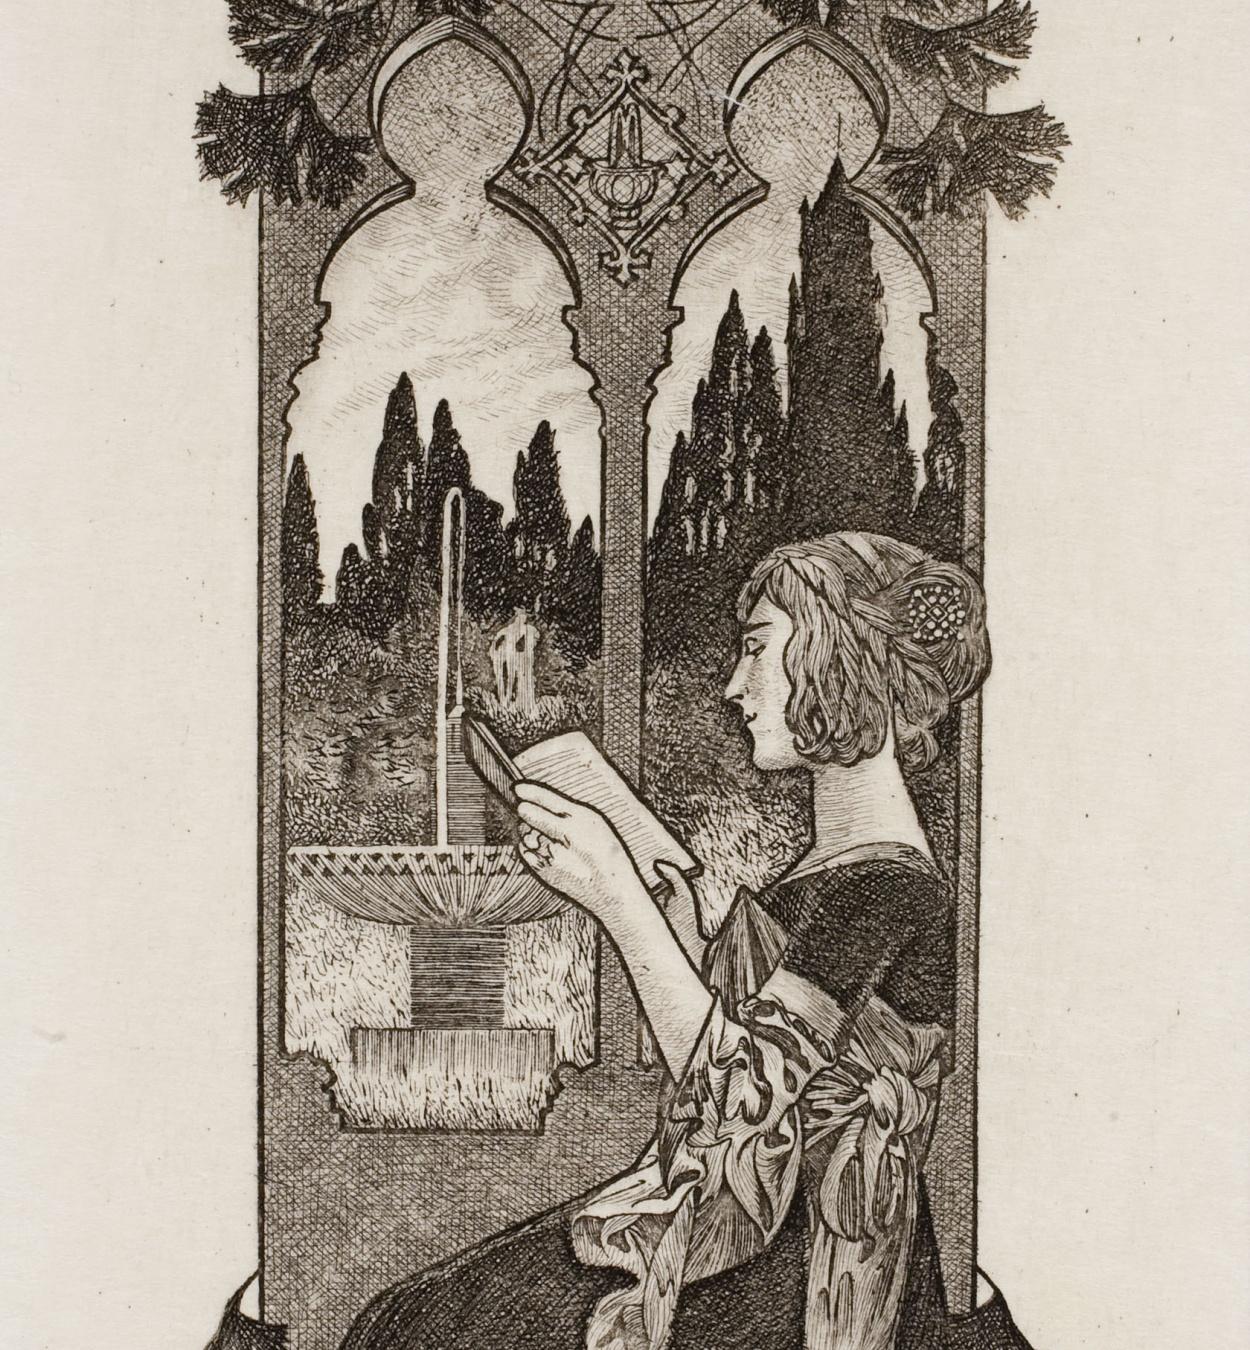 Alexandre de Riquer - Ex libris Pau Font de Rubinat - 1903